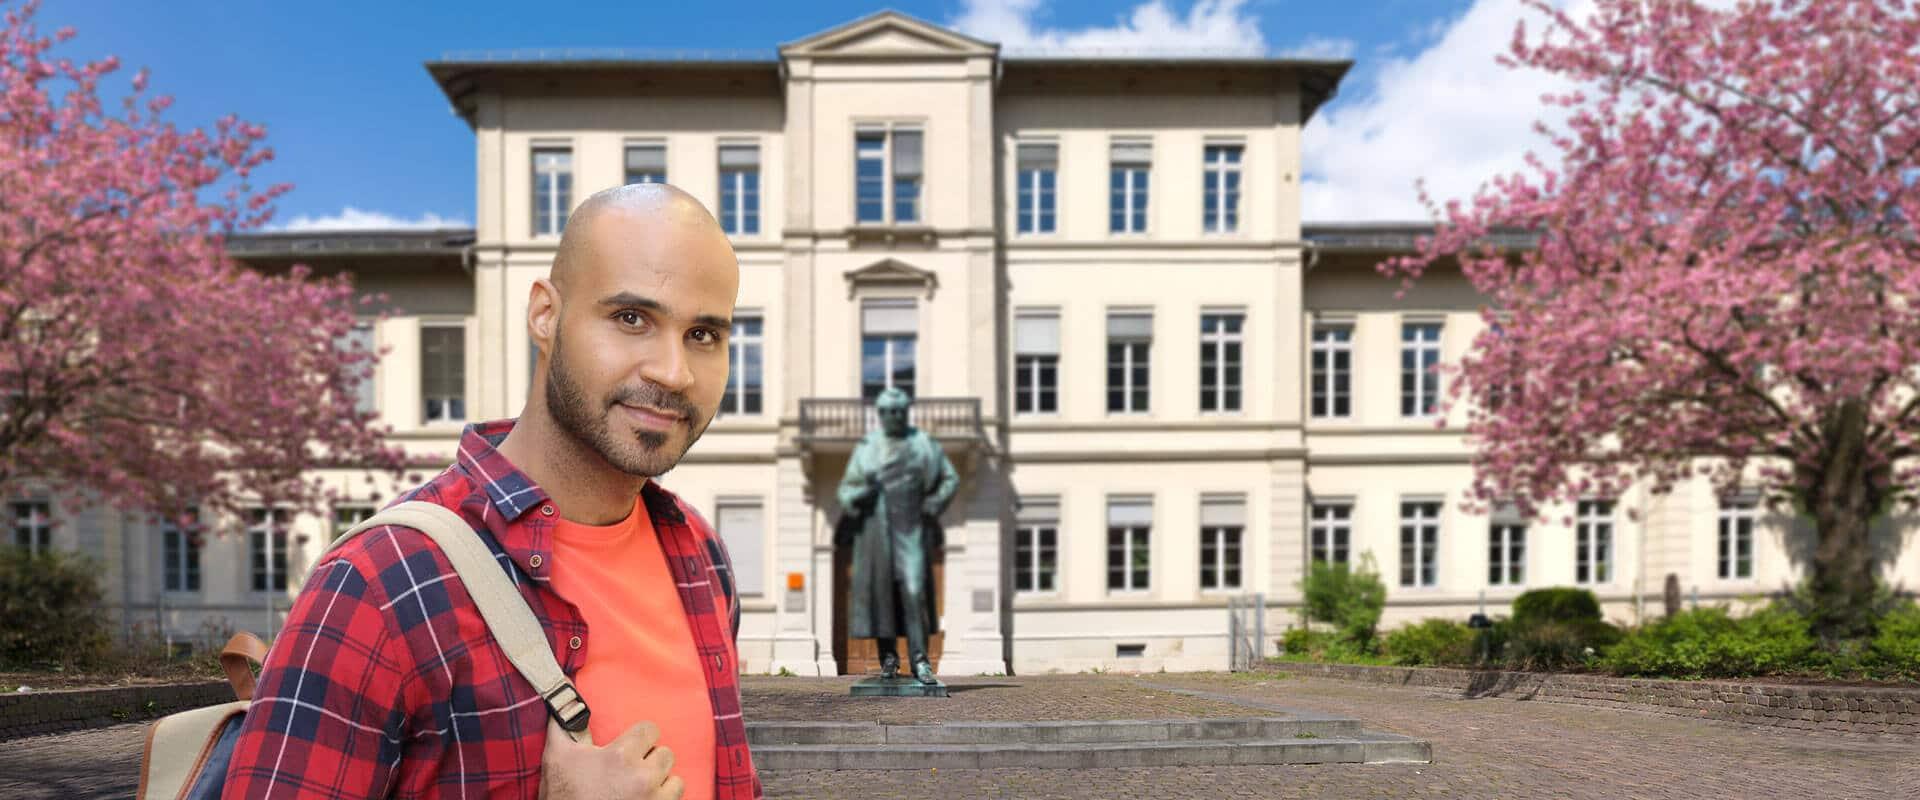 Krankenversicherung für Ausländer in Deutschland Studenten aus Tunesien